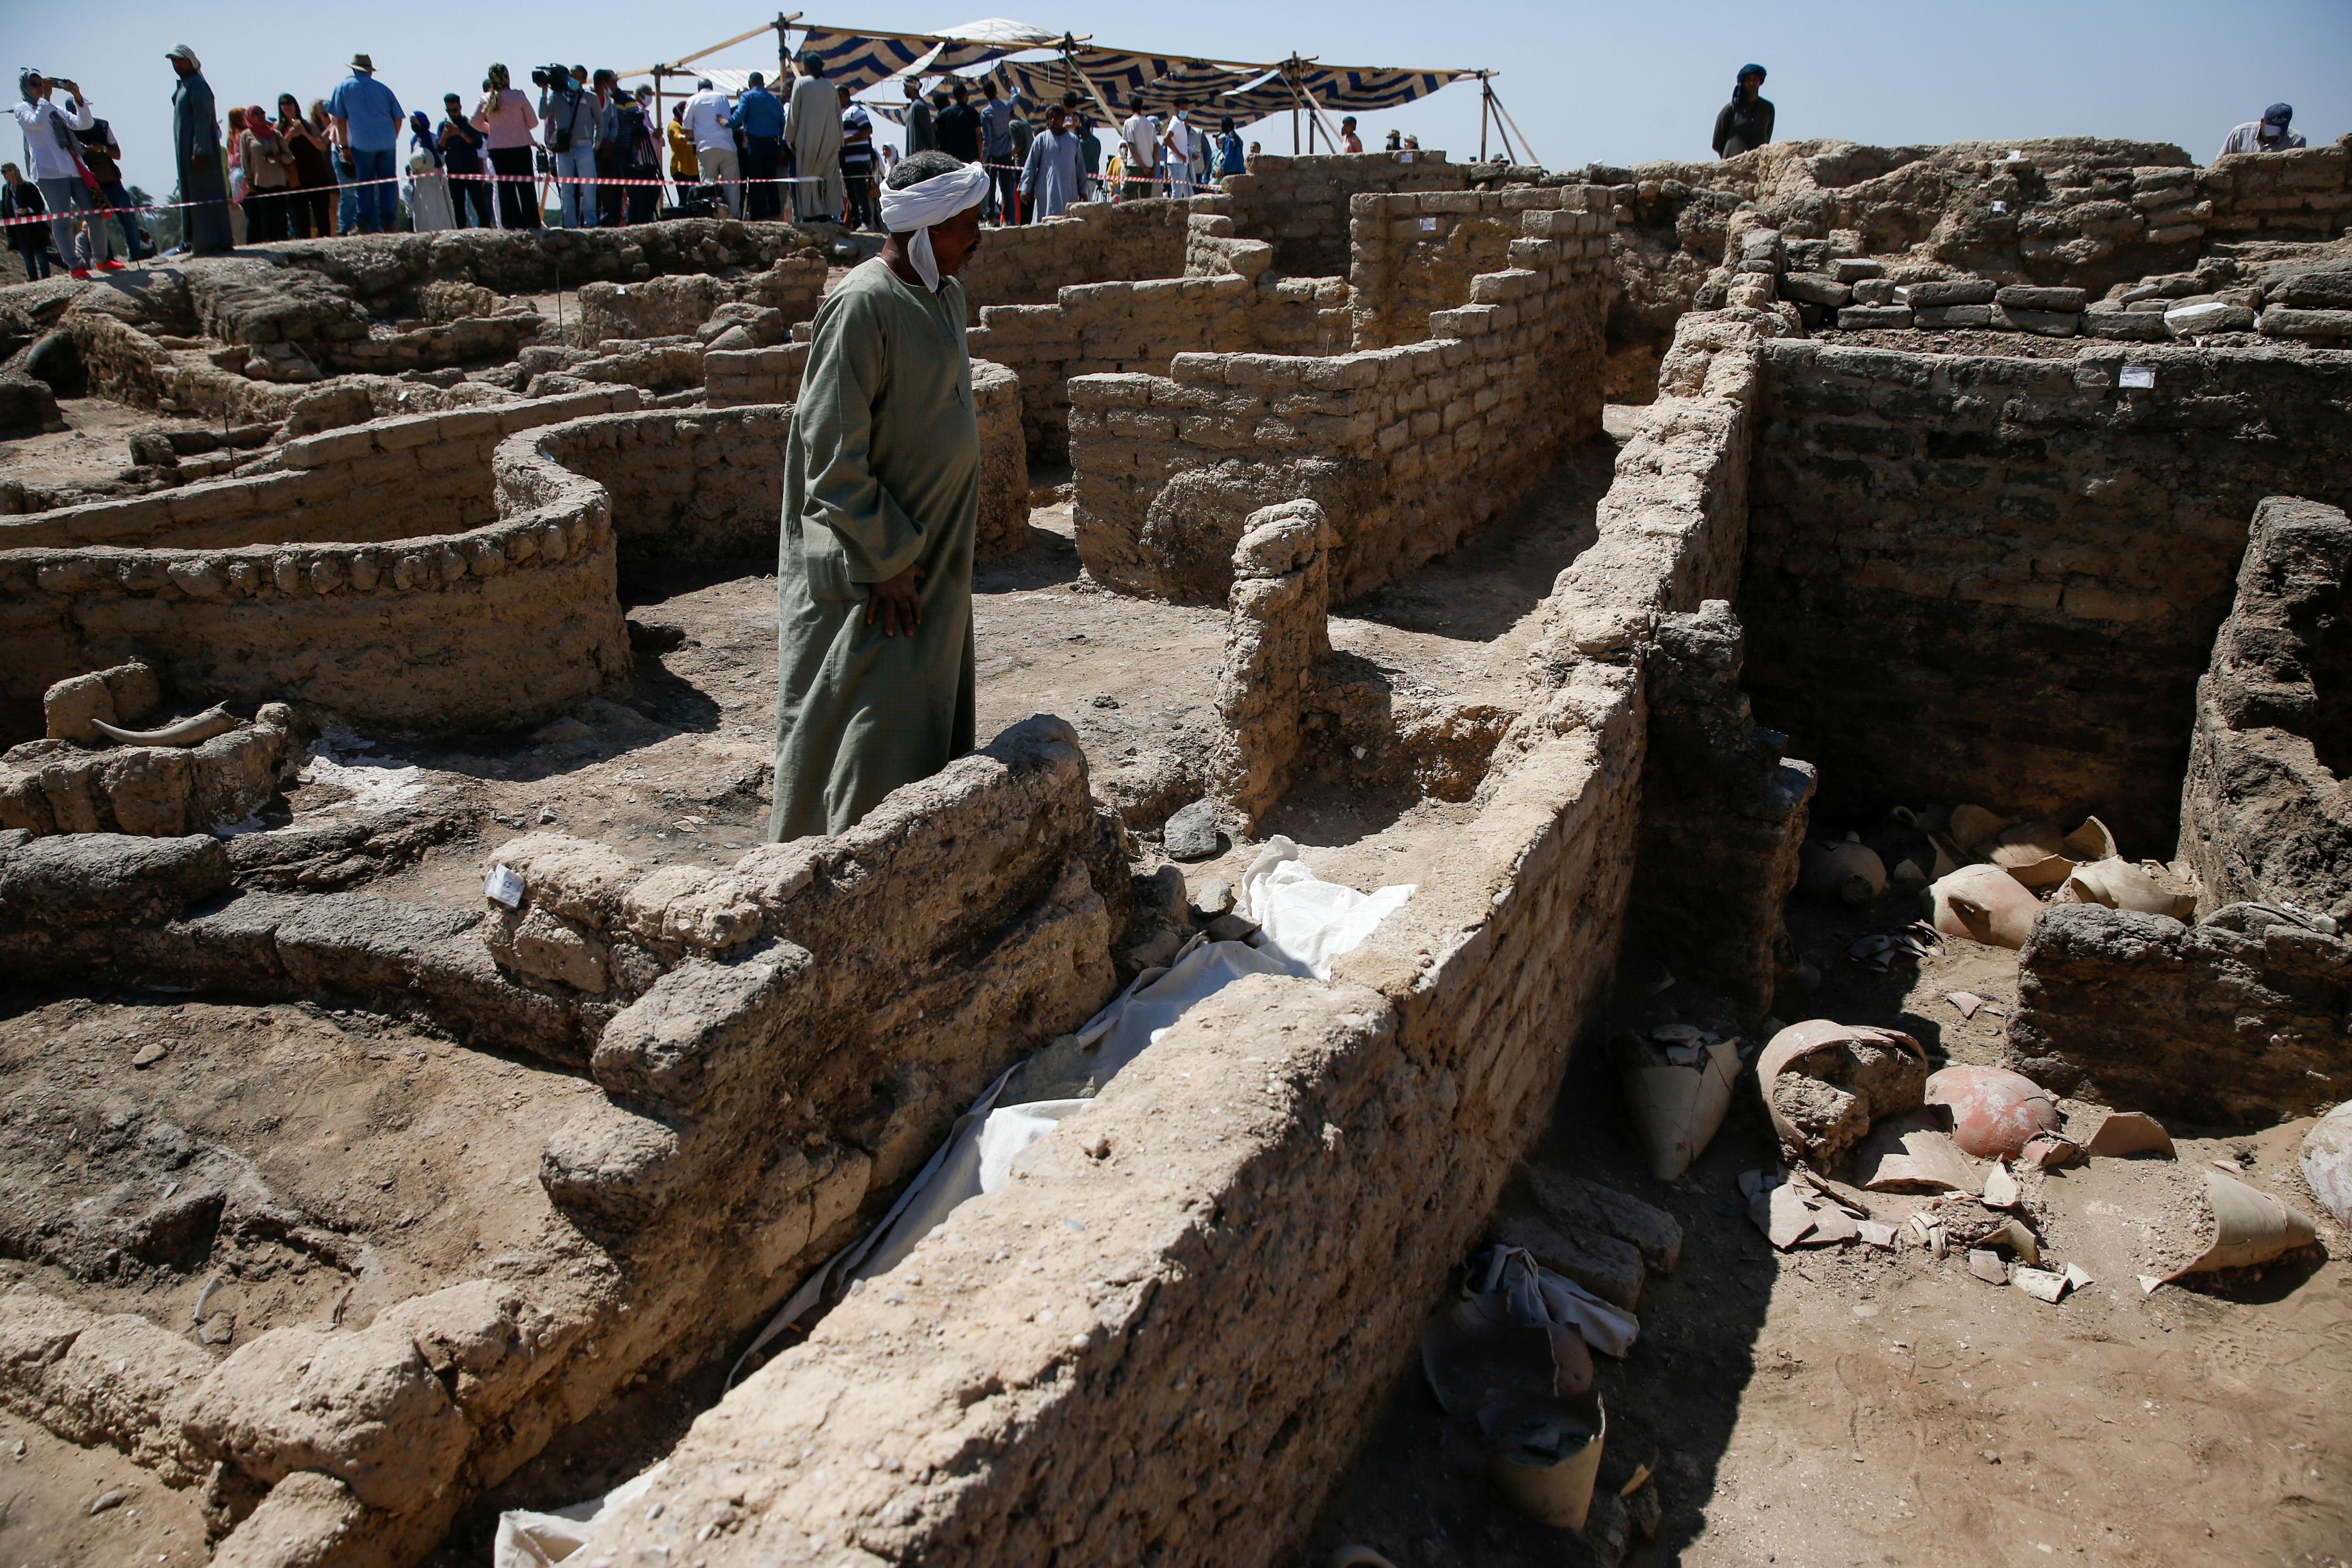 Un hombre de pie muestra alguno de los hallazgos que forman parte de la ciudad descubierta cerca de Luxor, de más de 3.000 años de edad. REUTERS/Amr Abdallah Dalsh